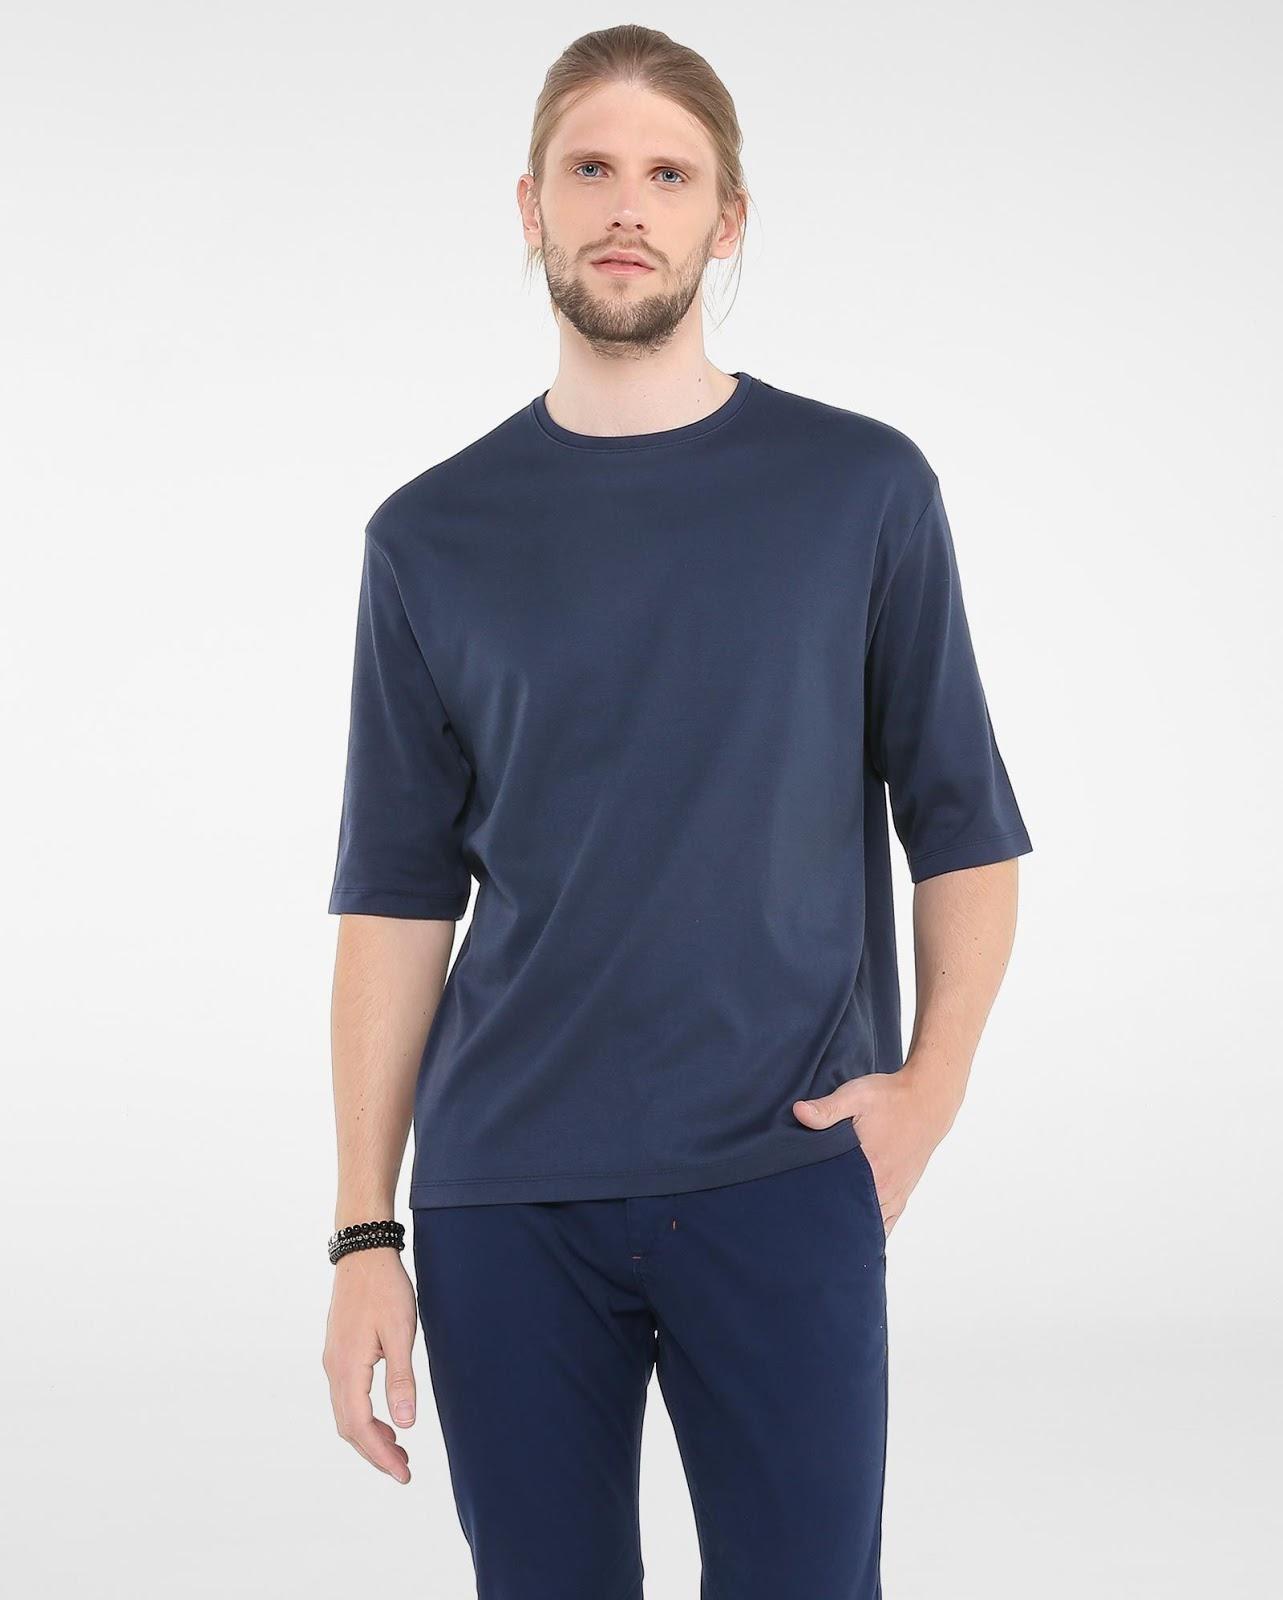 LEO KLEIN - KADU DANTAS PARA RIACHUELO - Camiseta Oversized